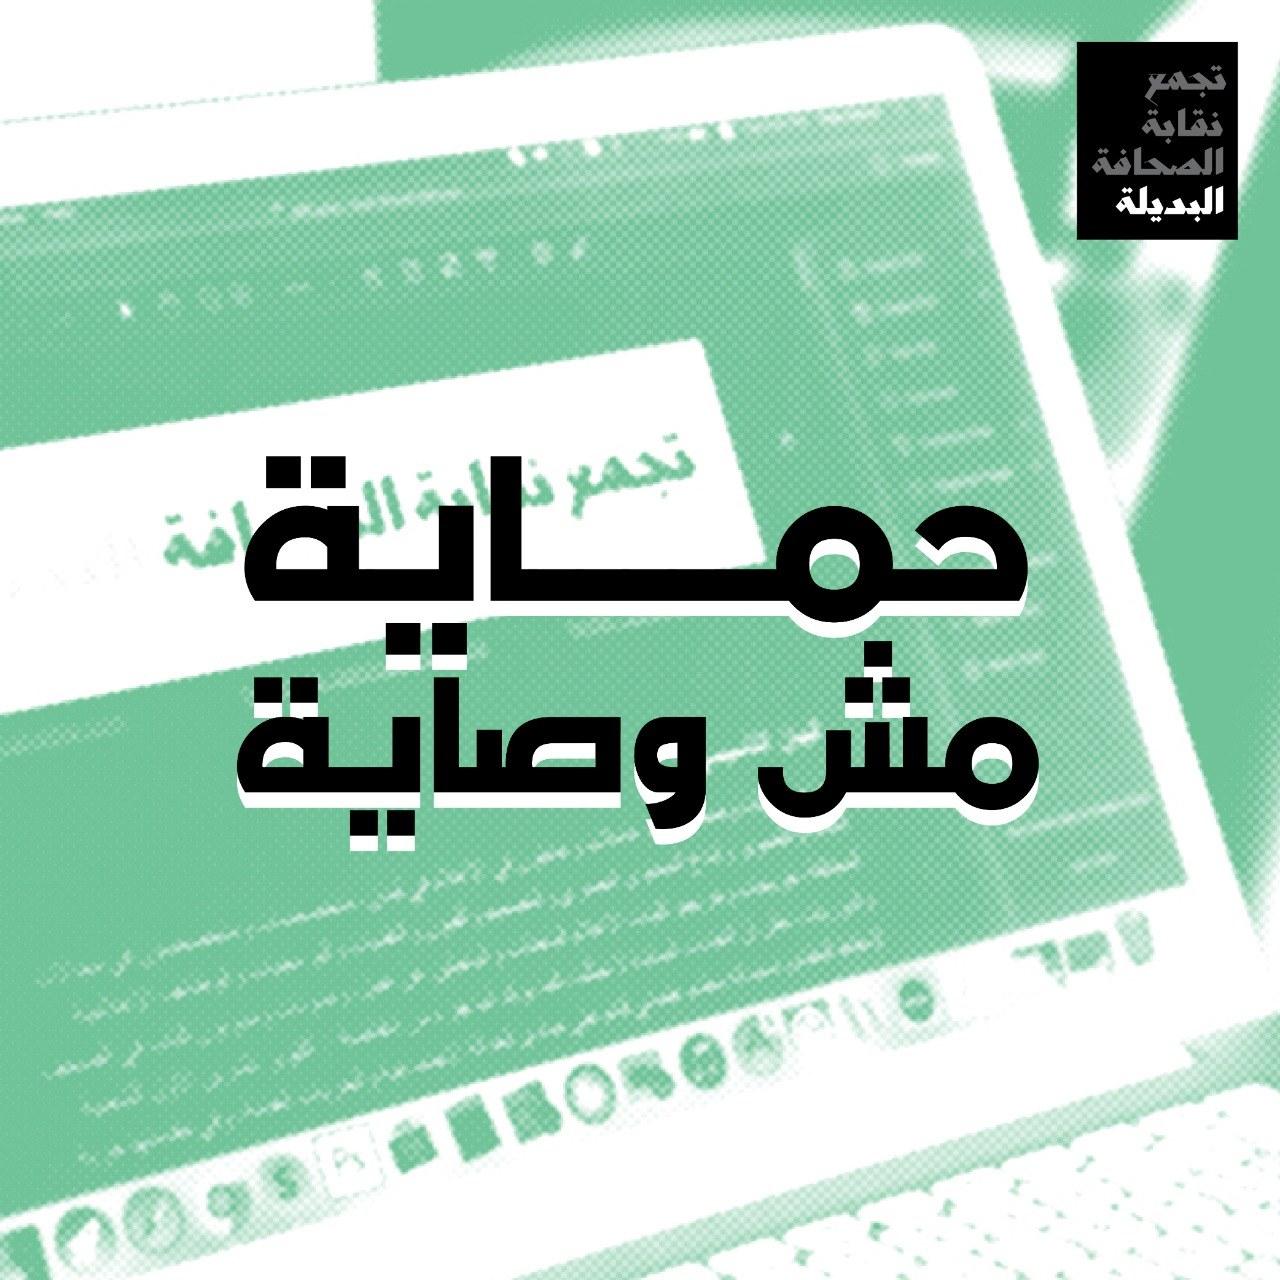 بيان | ملف الإعلام الإلكتروني في لبنان: حماية لا وصاية